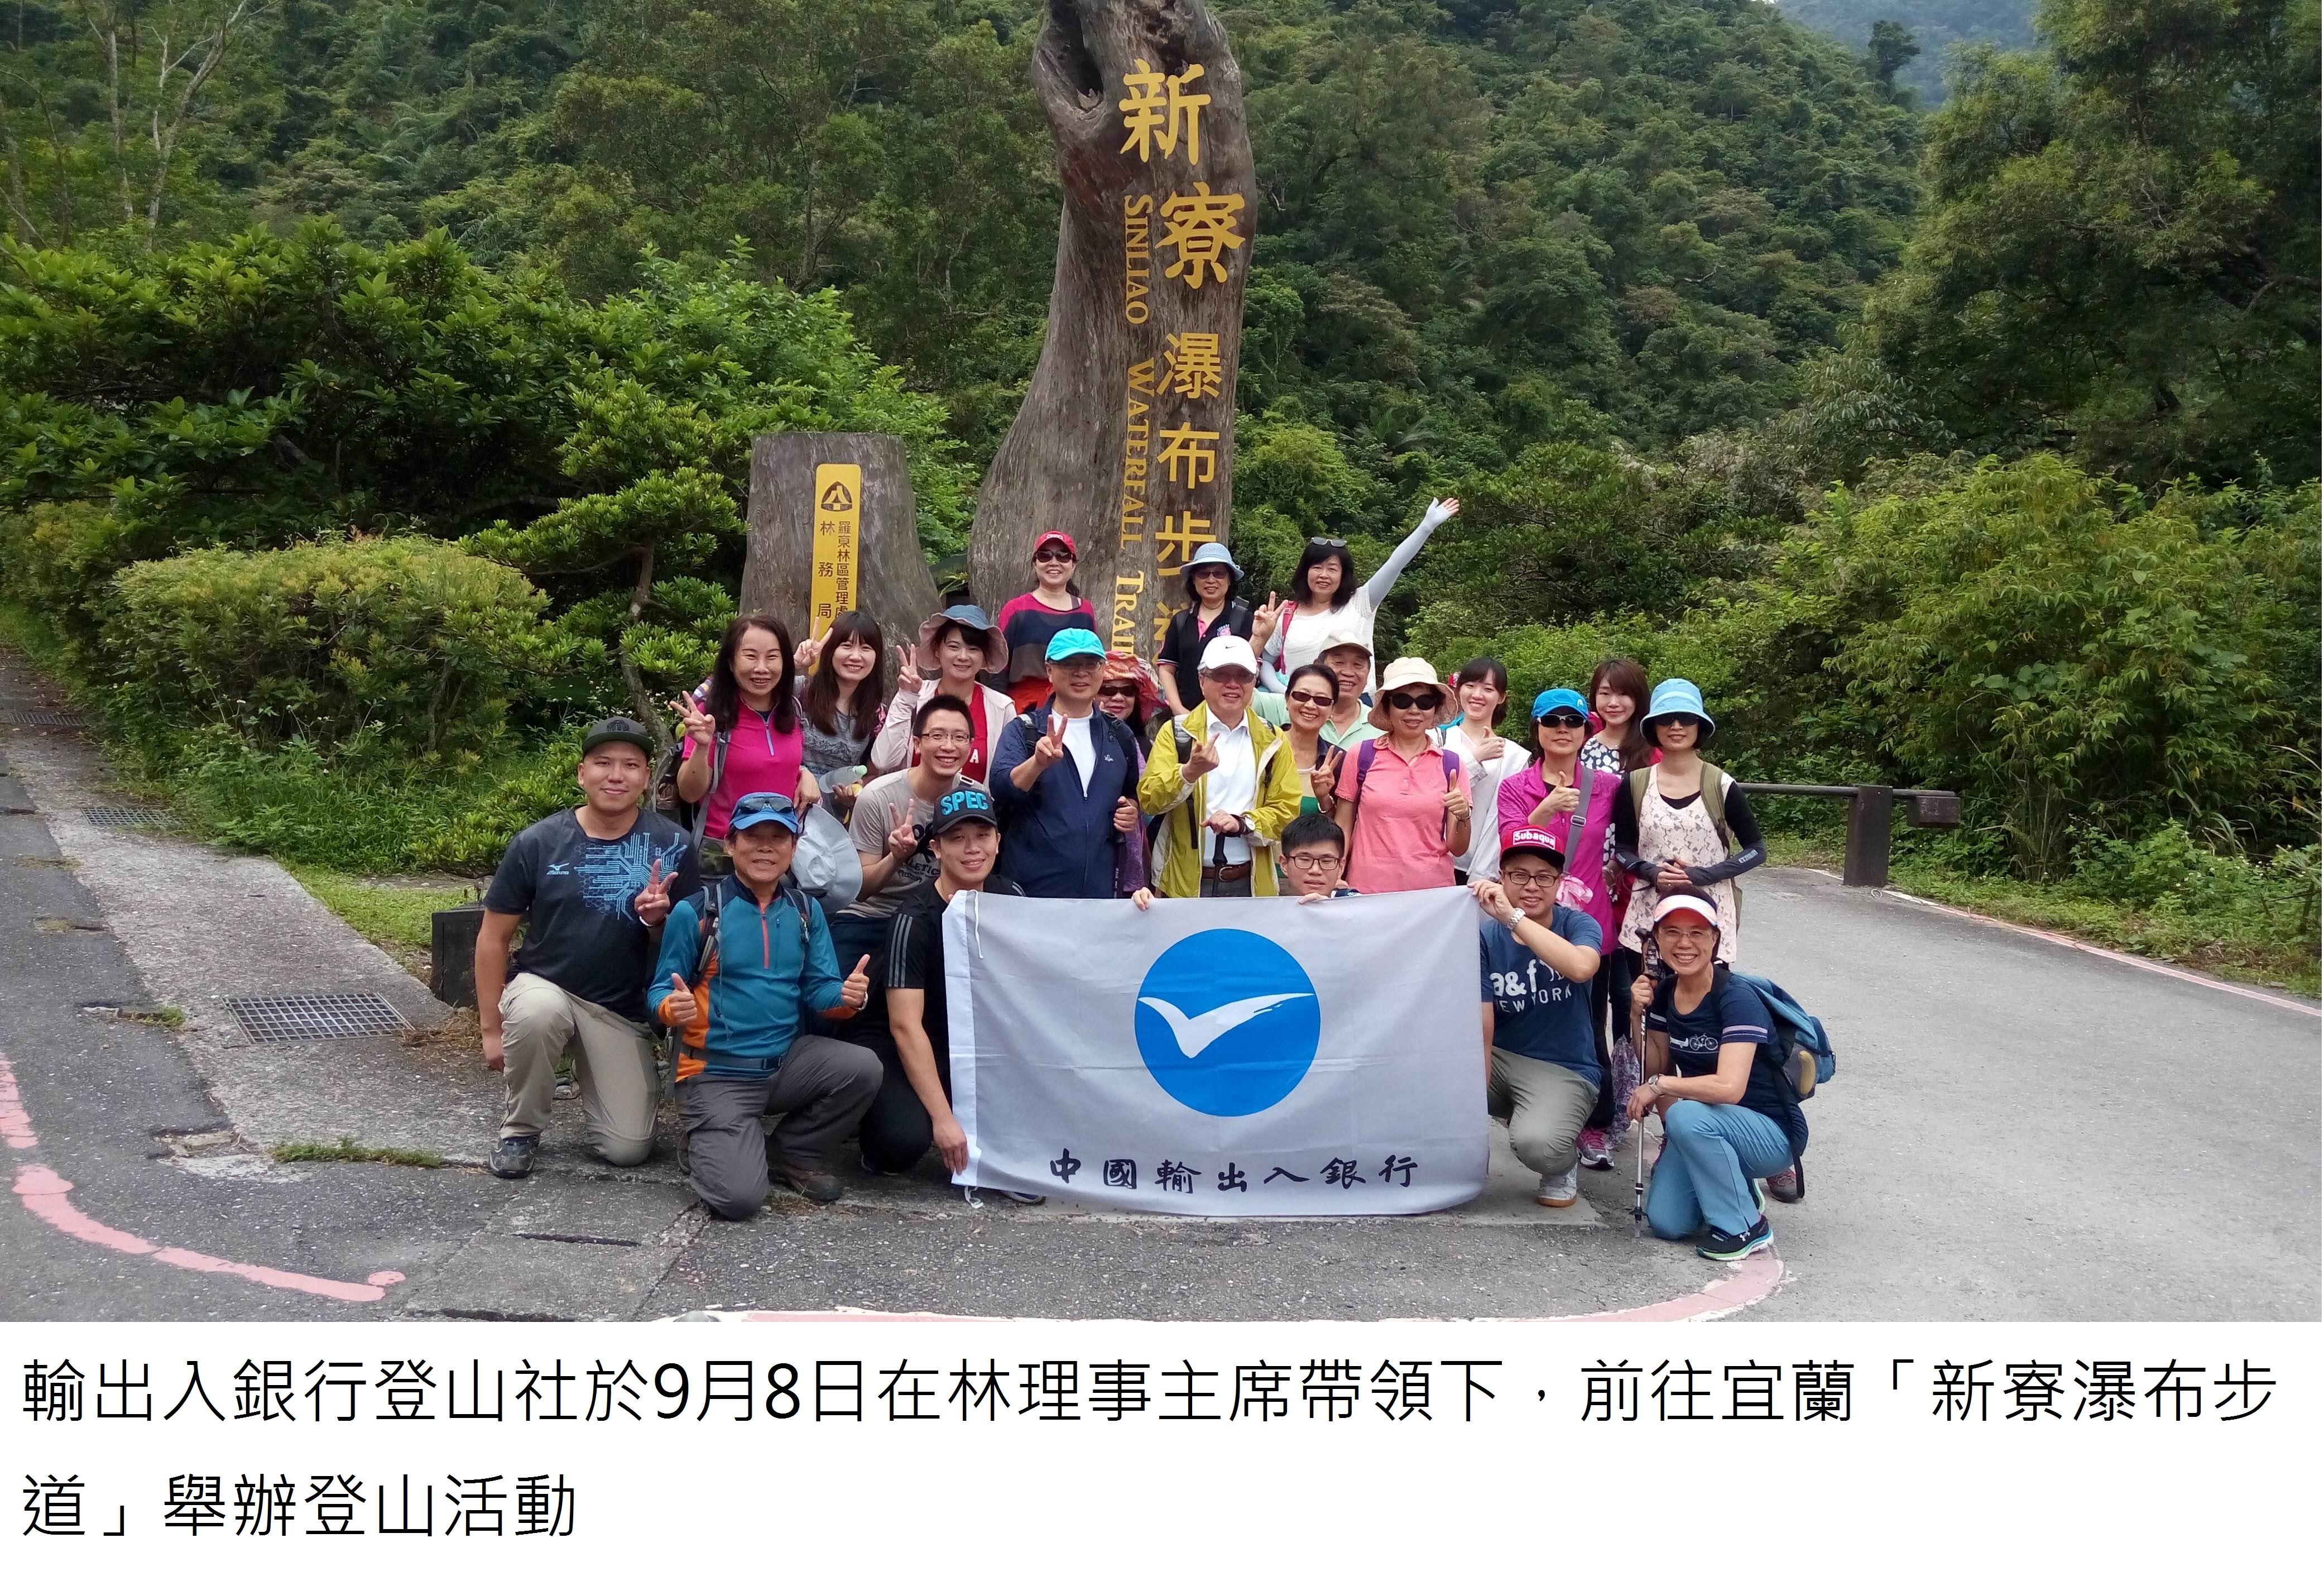 圖片說明-本行登山社於107年9月8日舉辦宜蘭「新寮瀑布步道」登山健行